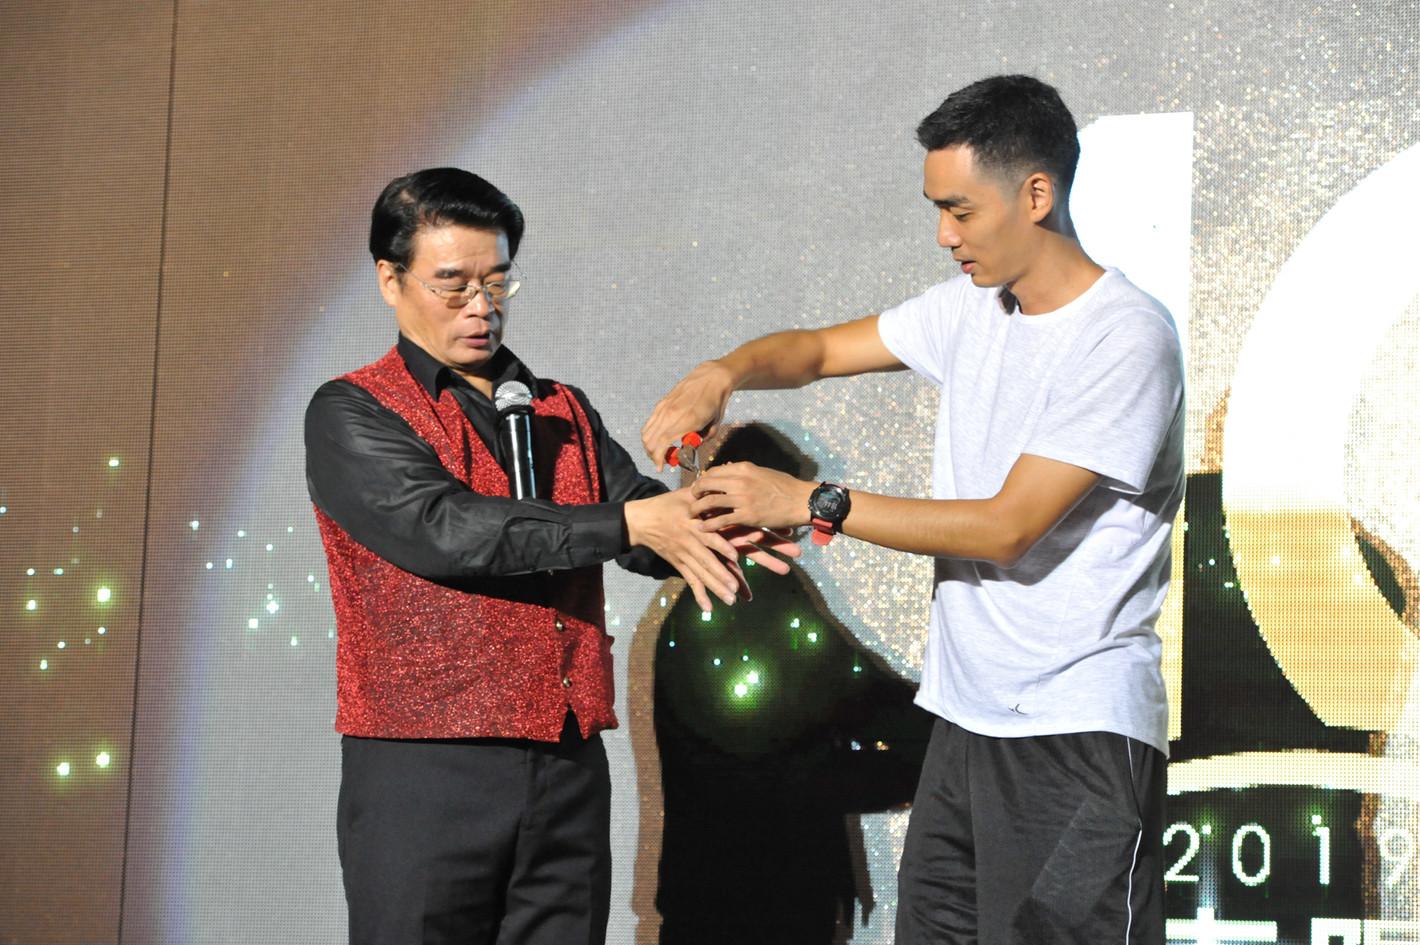 第十屆國際魔術大賽 表演嘉賓 賭神羅賓